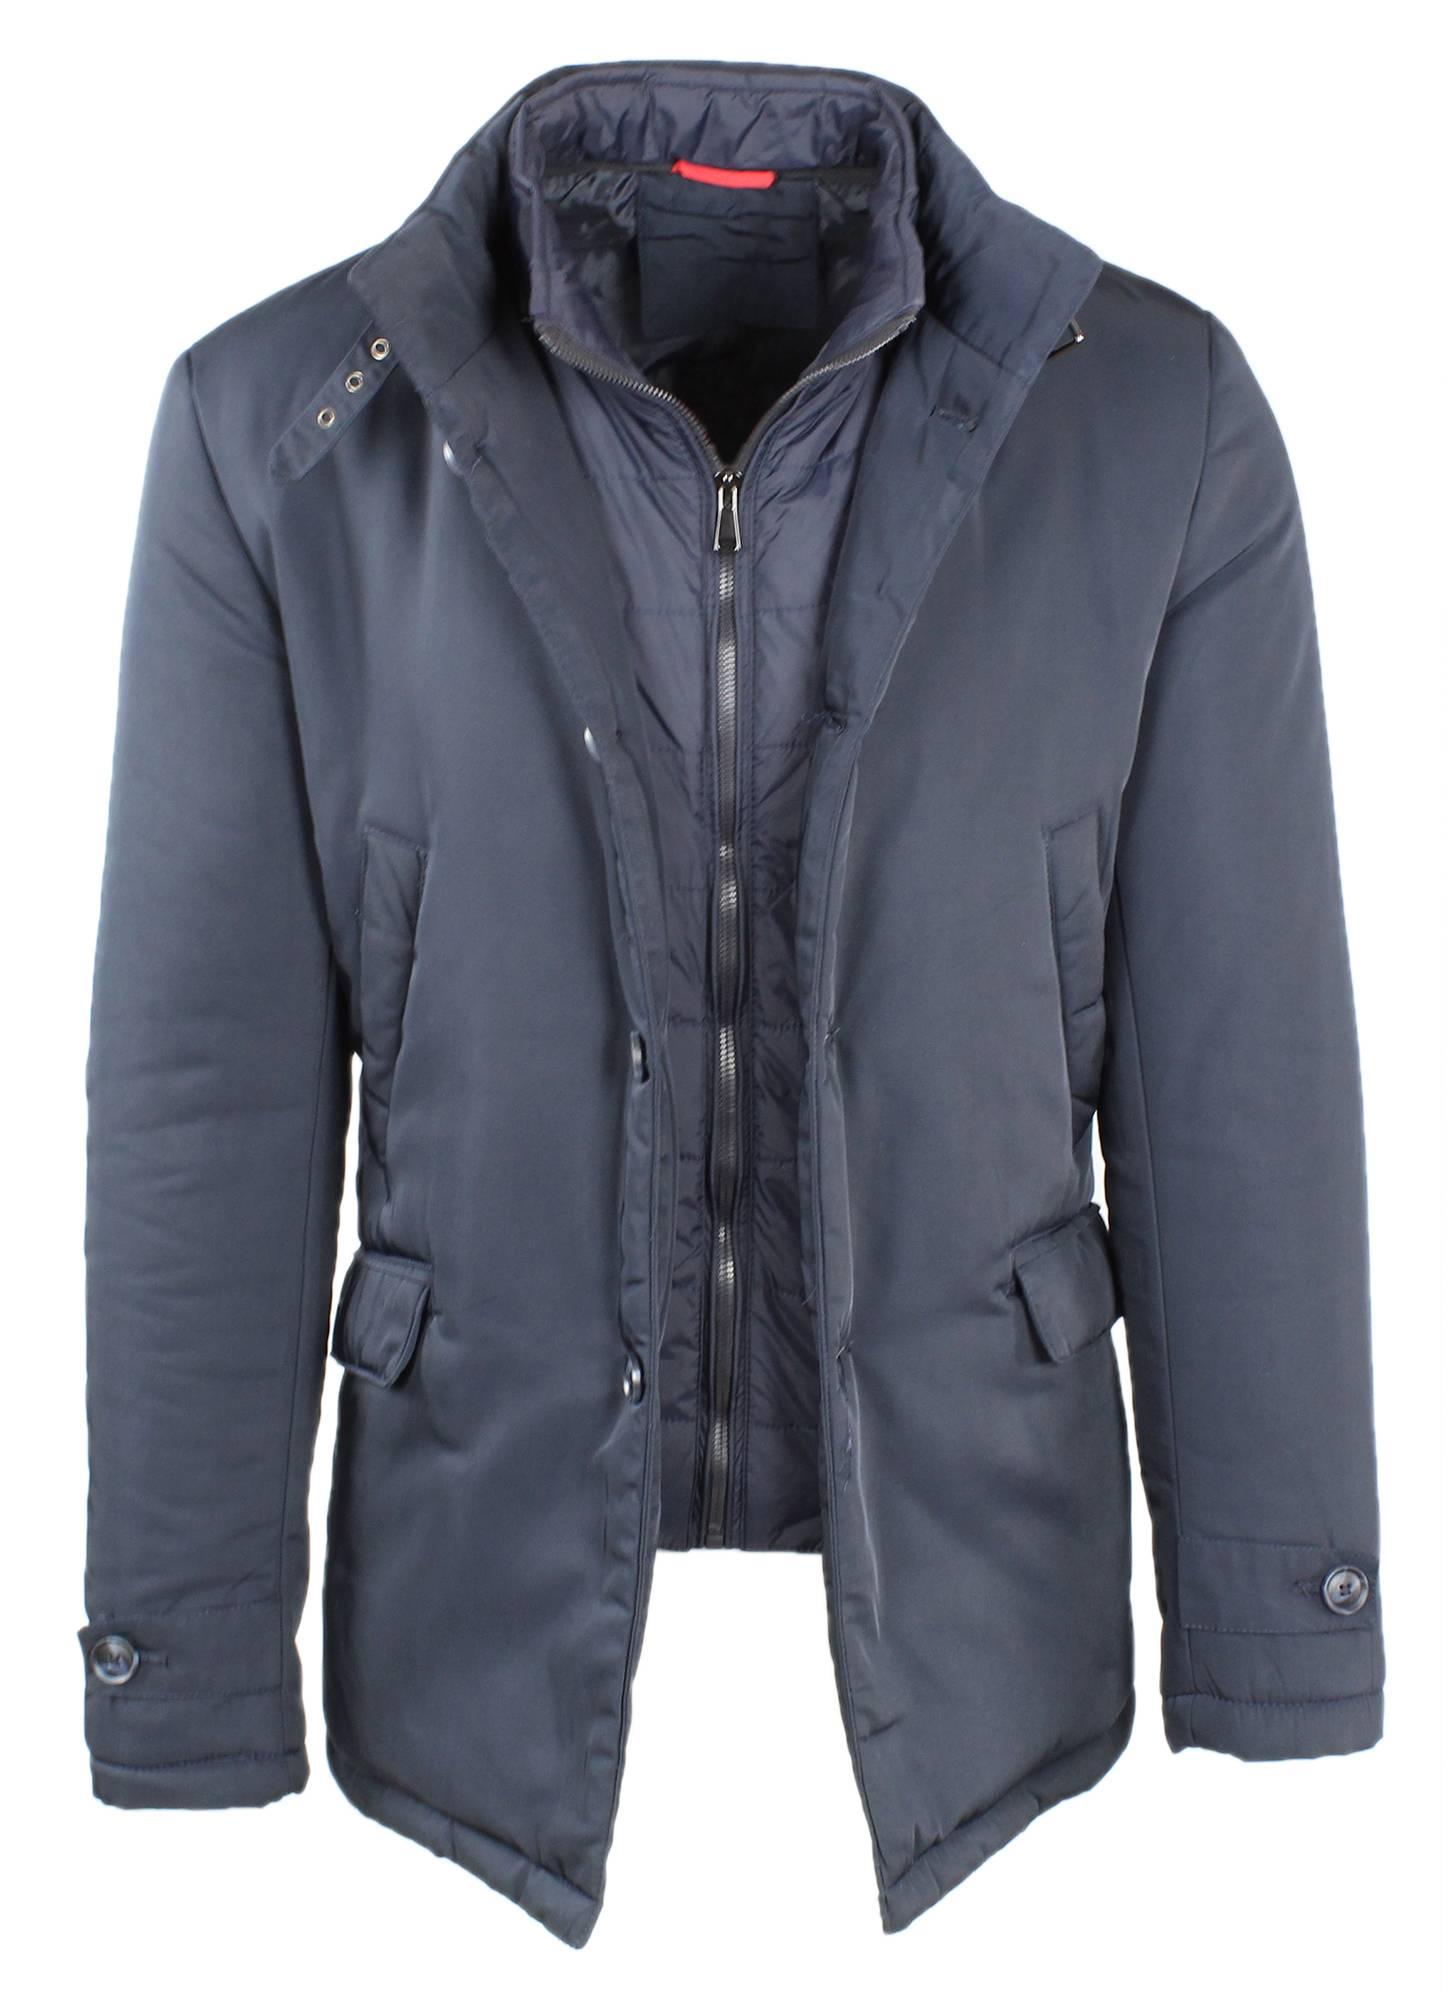 Giubbotto-Uomo-Invernale-Giaccone-Elegante-Giubbino-Sartoriale-Blu-Nero-Cappotto miniatura 5